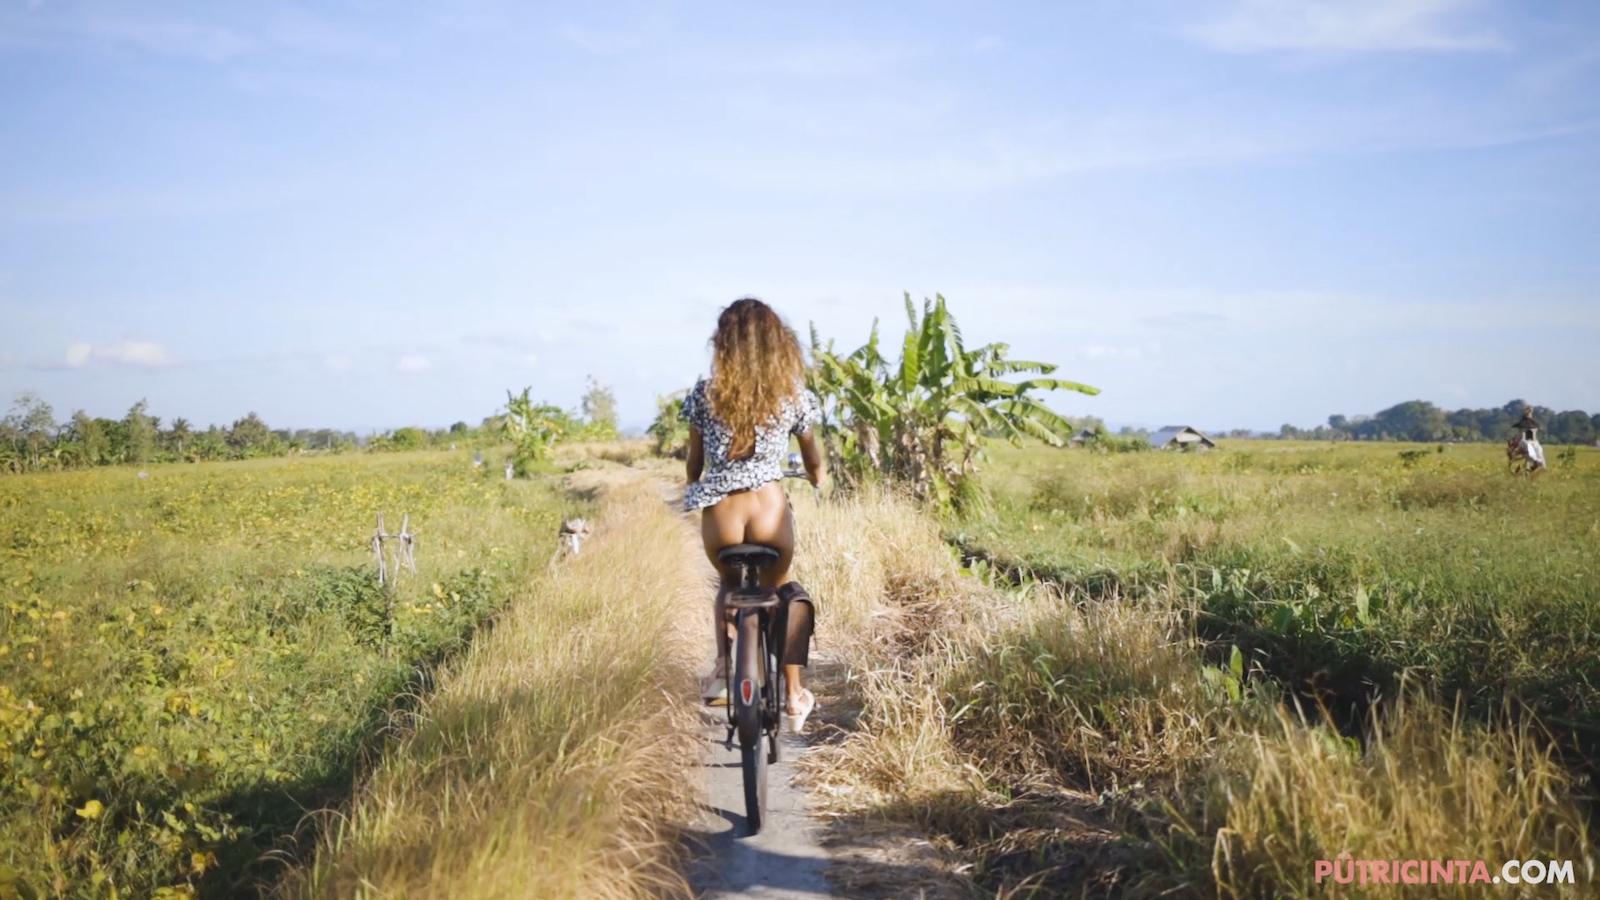 024-cyclingcommando-Putri-Cinta-Mainvid-stills-13.jpg